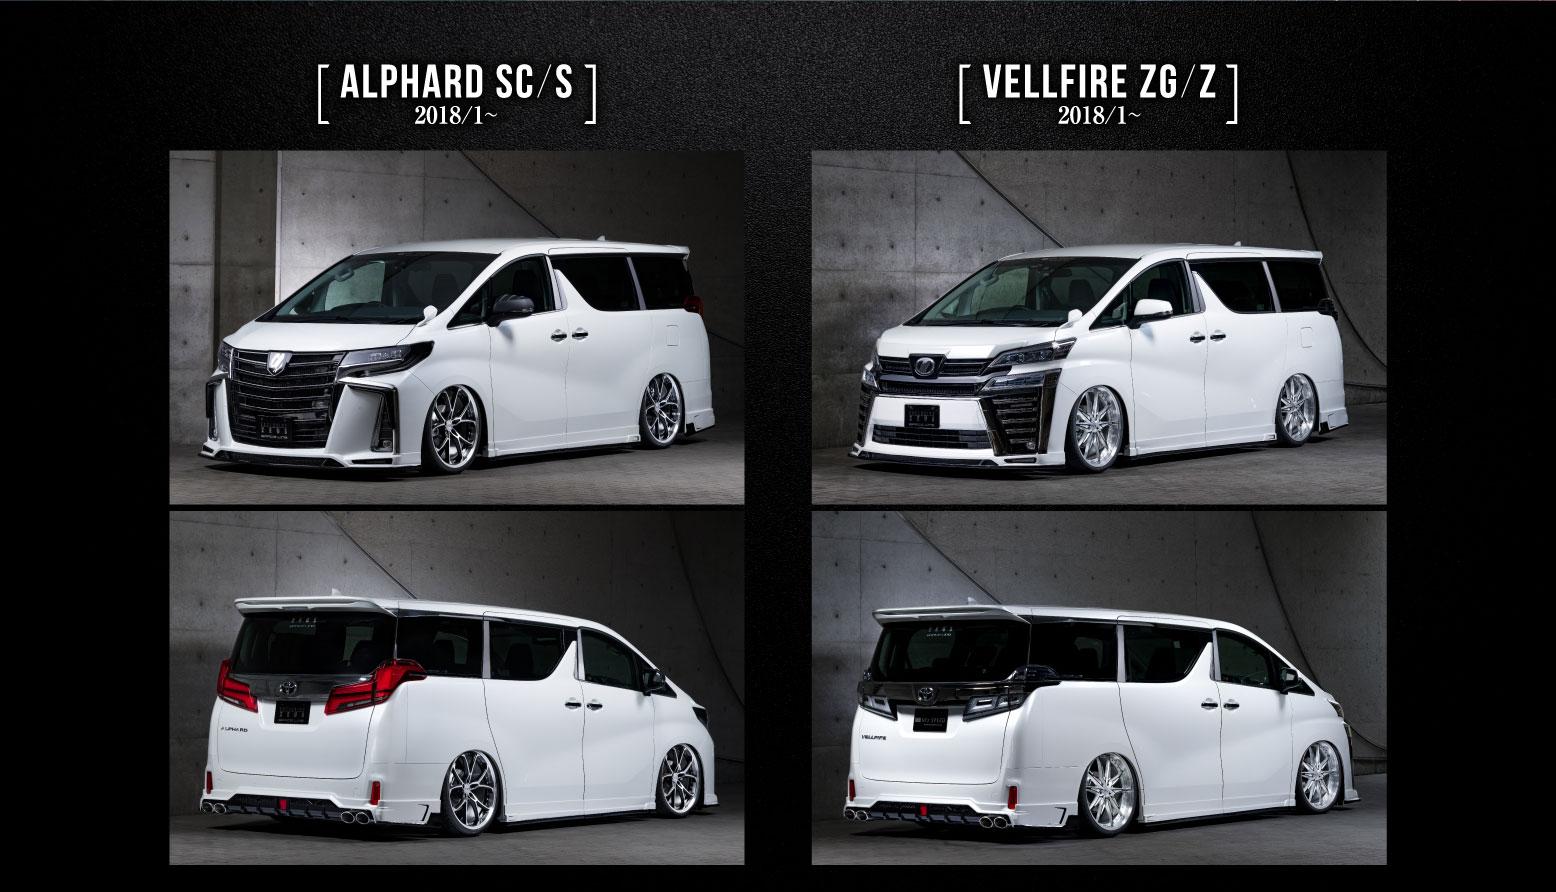 Европа-Англия-Япония (Сборка) соответствие марок и моделей авто 3